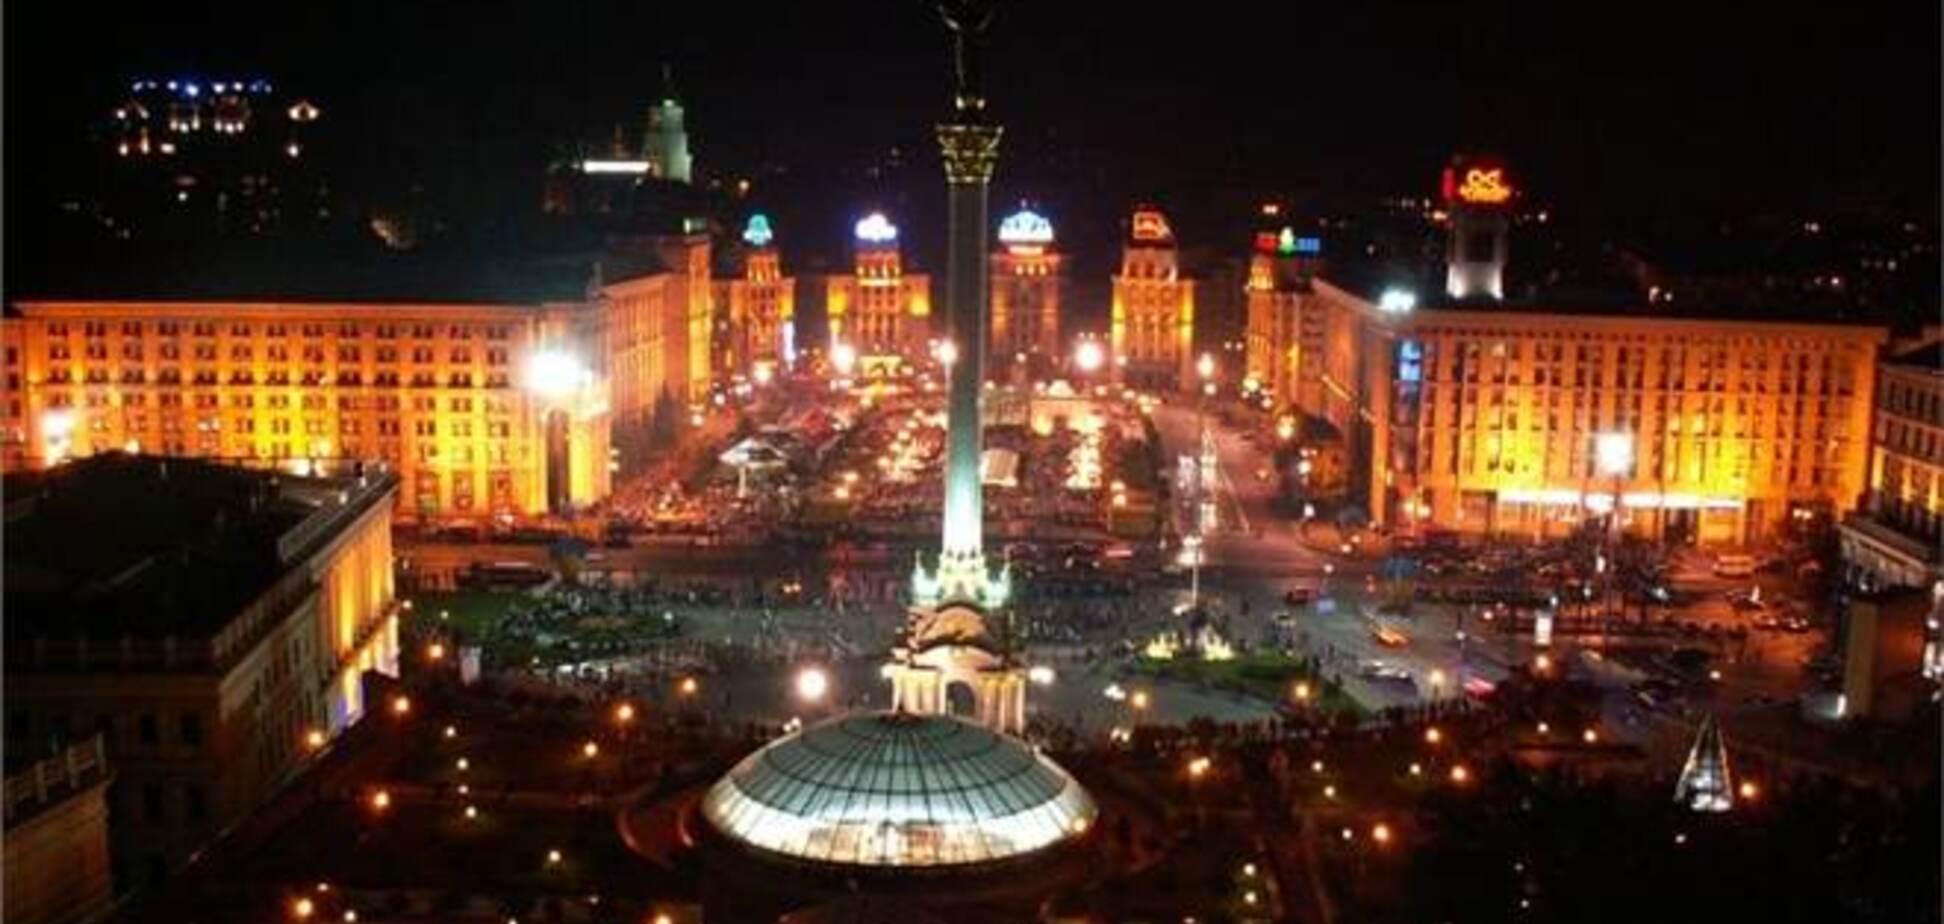 Сколько стоит квартира с видом на Майдан?